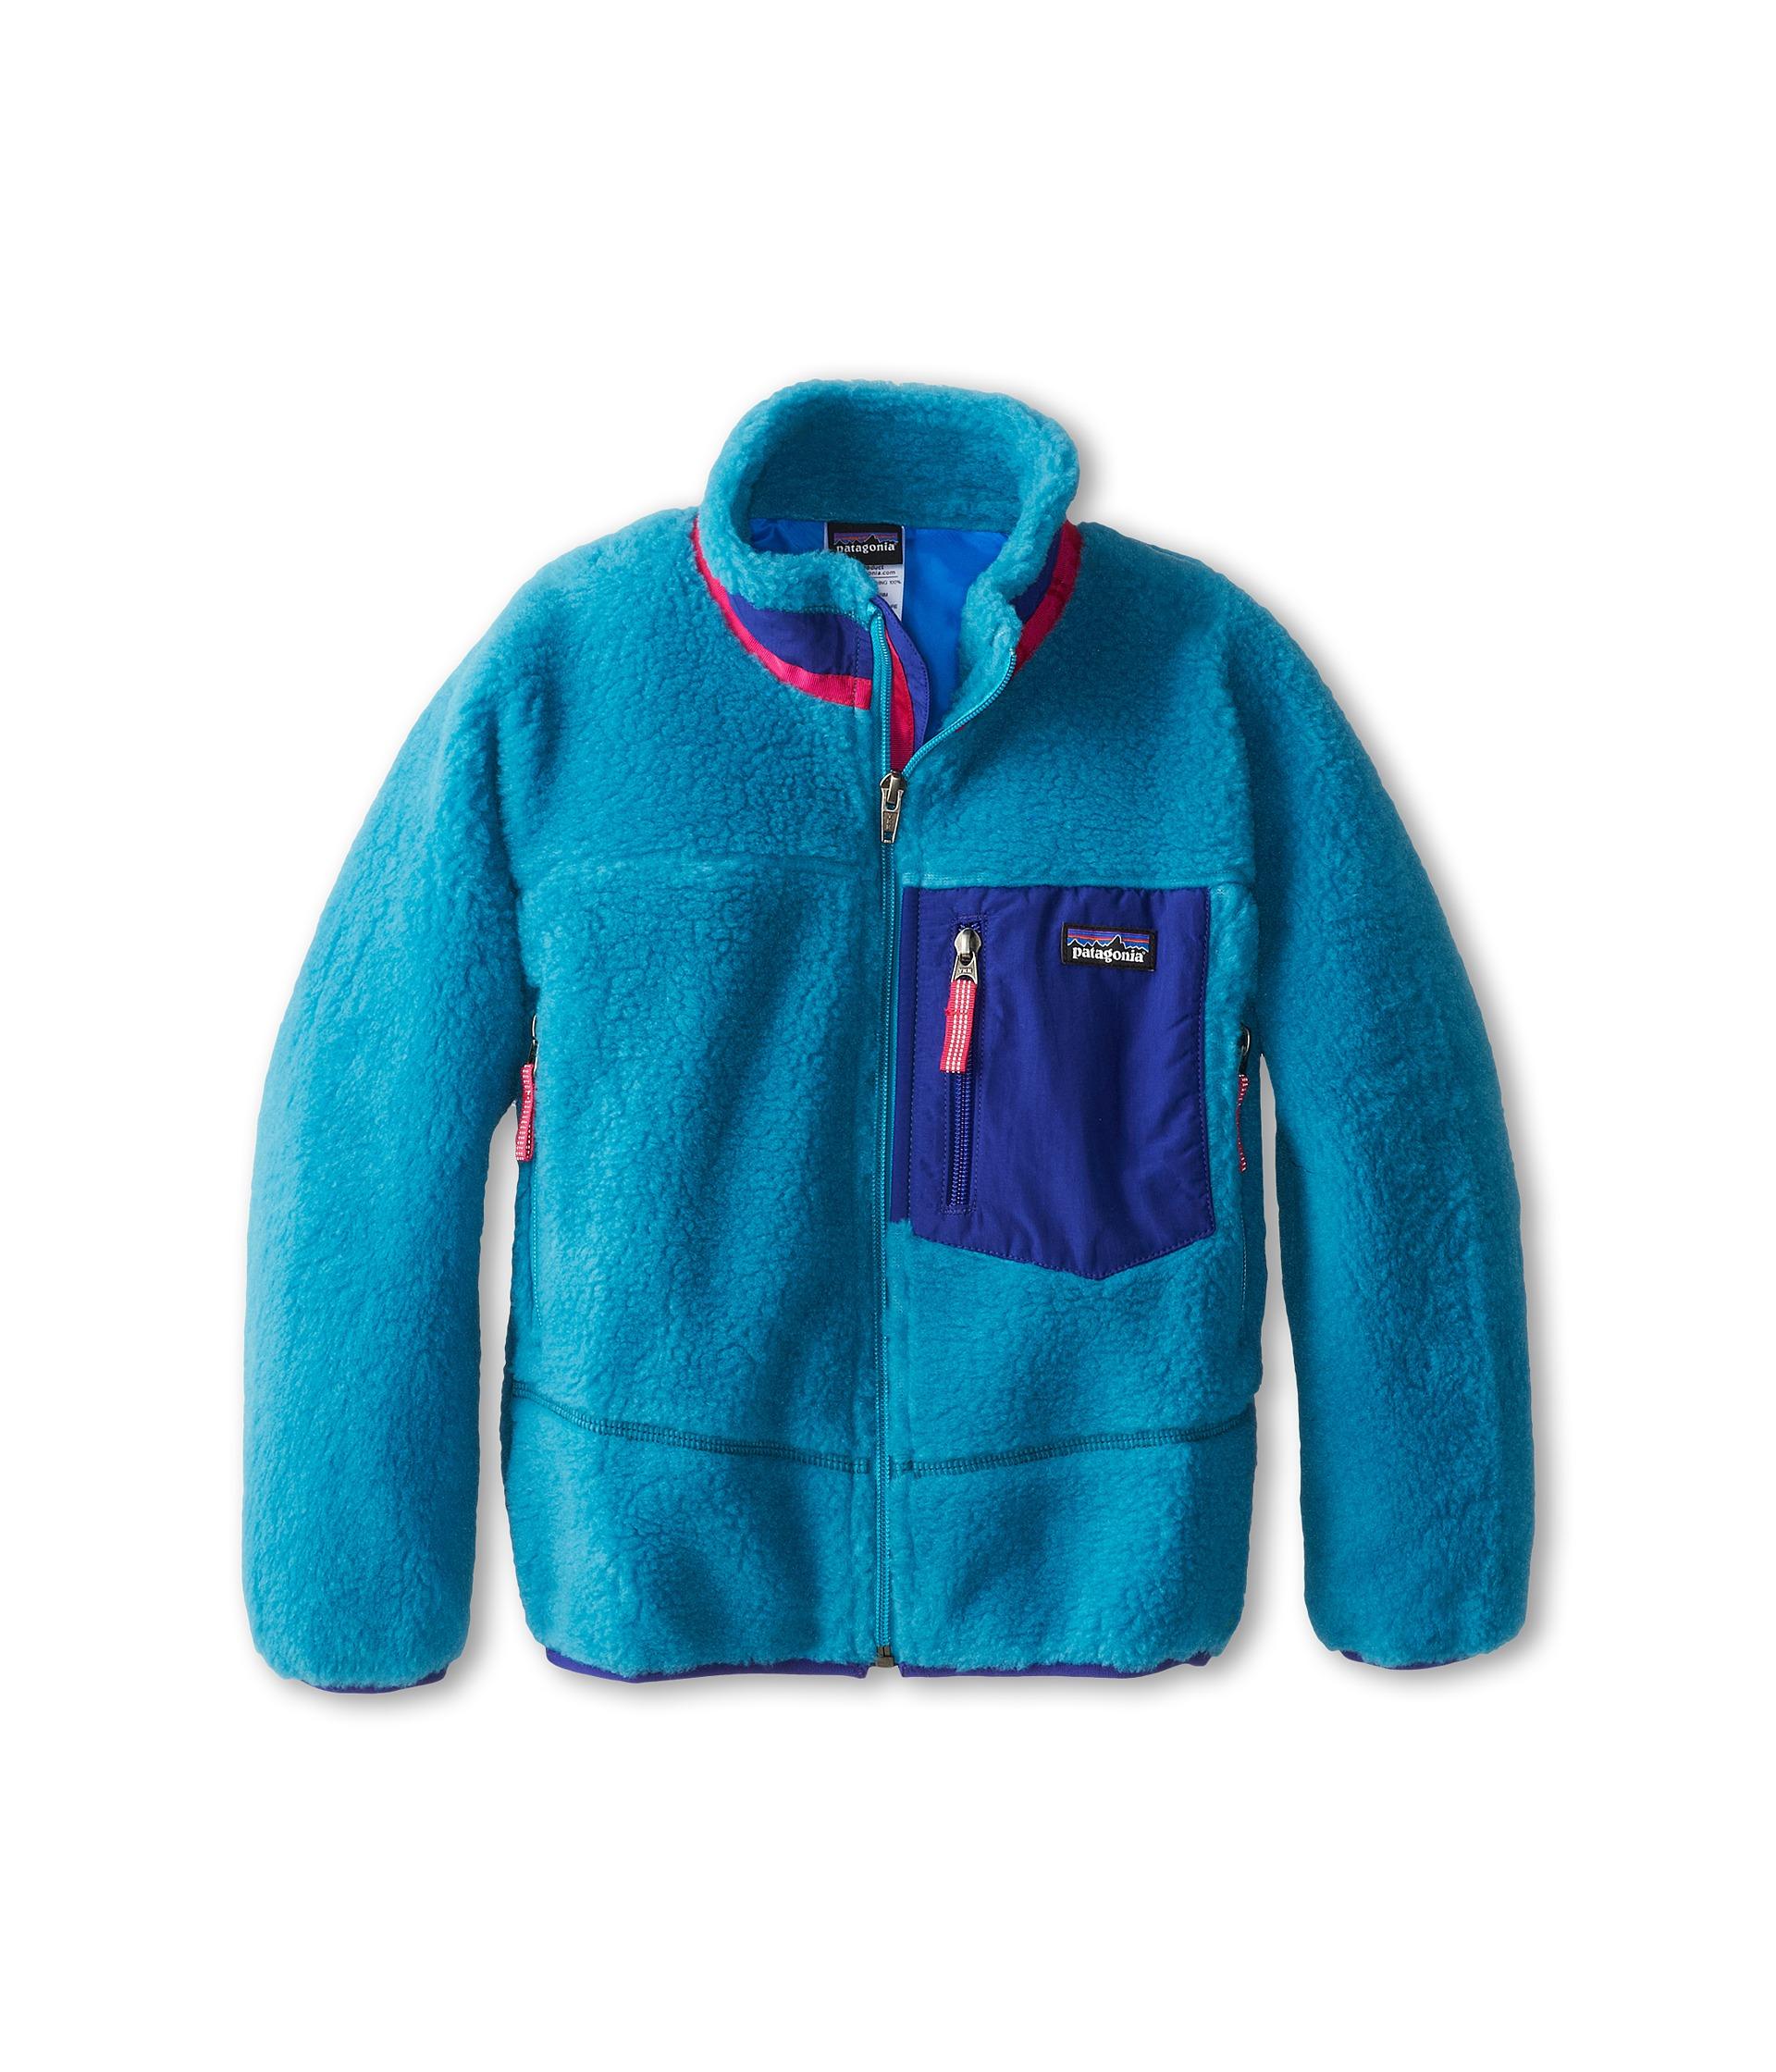 Patagonia Kids Girls Retro X Jacket Little Kids Big Kids